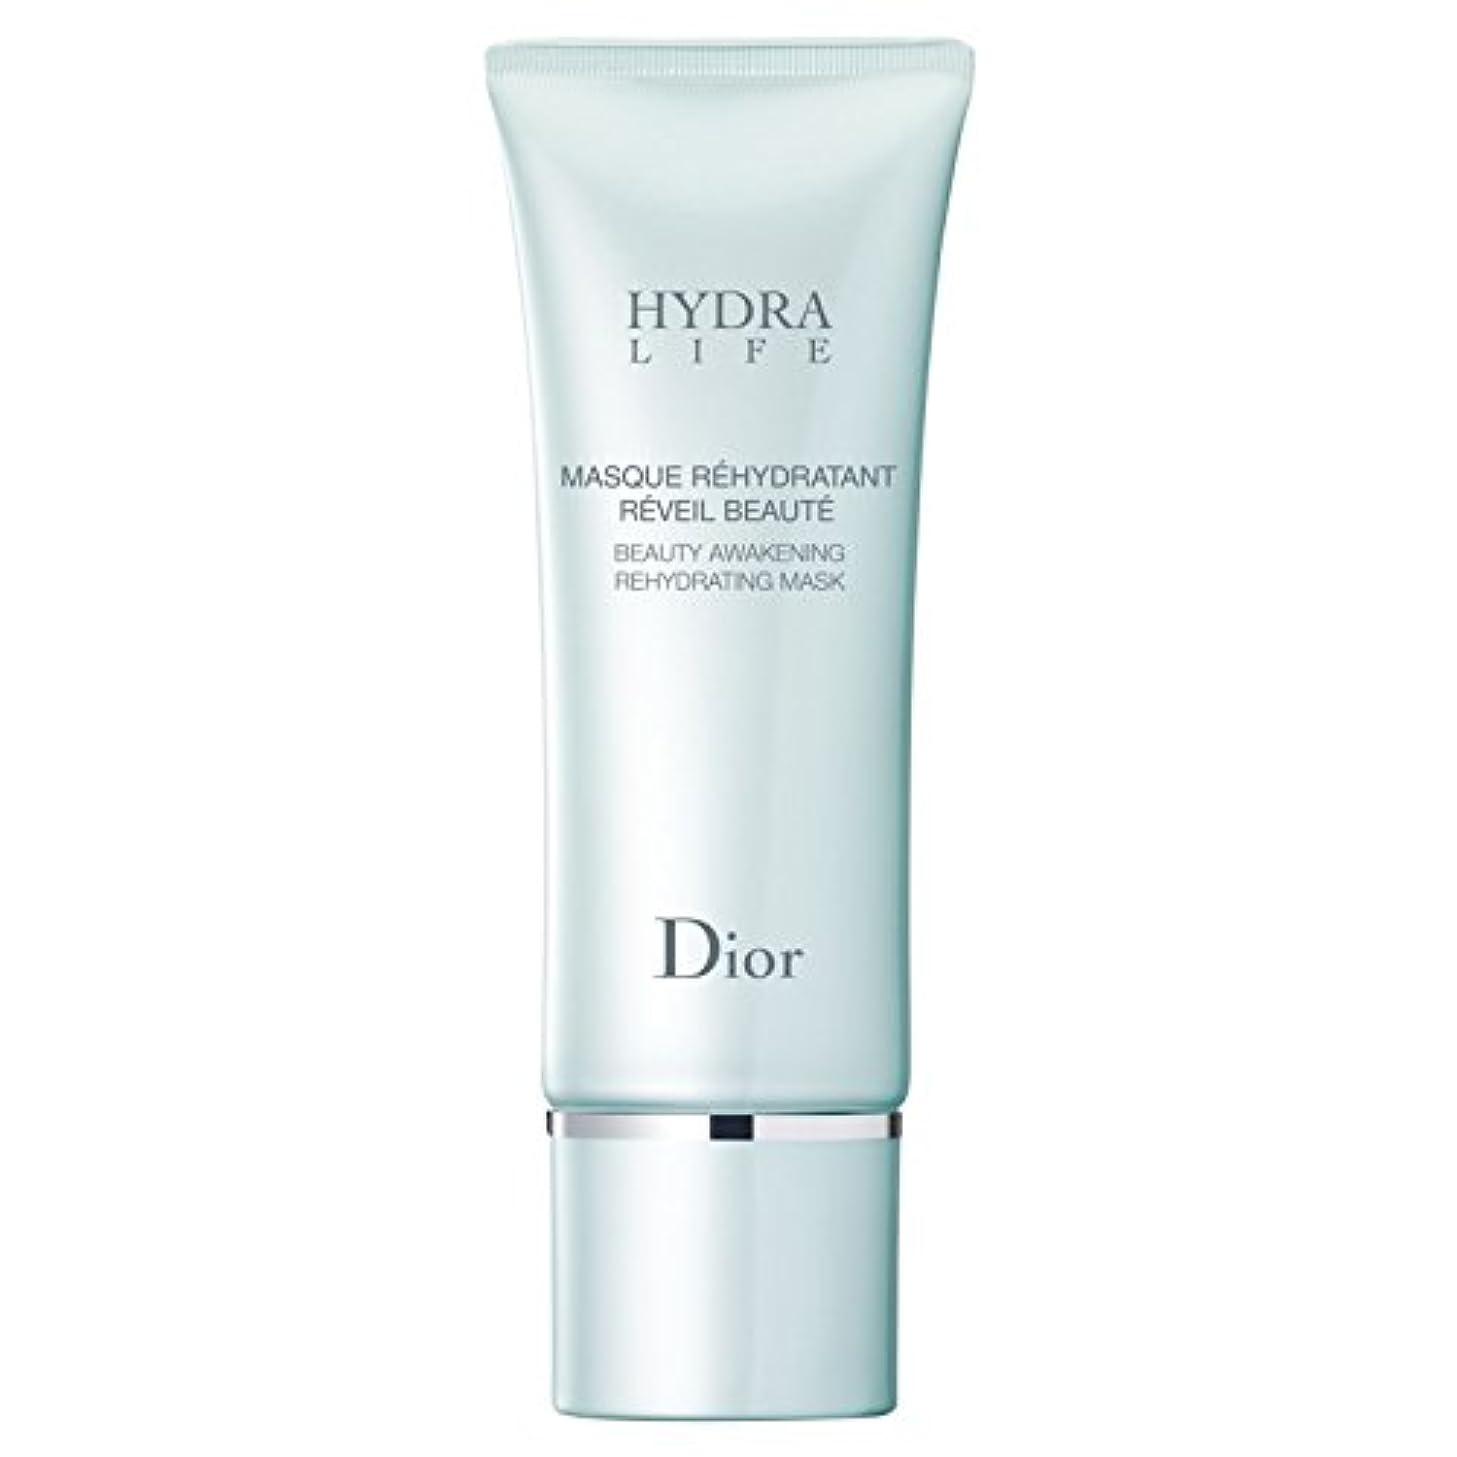 オークランドブランク上昇[Dior] マスク75ミリリットルを再水和ディオールヒドラ人生の美しさの目覚め - Dior Hydra Life Beauty Awakening Rehydrating Mask 75ml [並行輸入品]